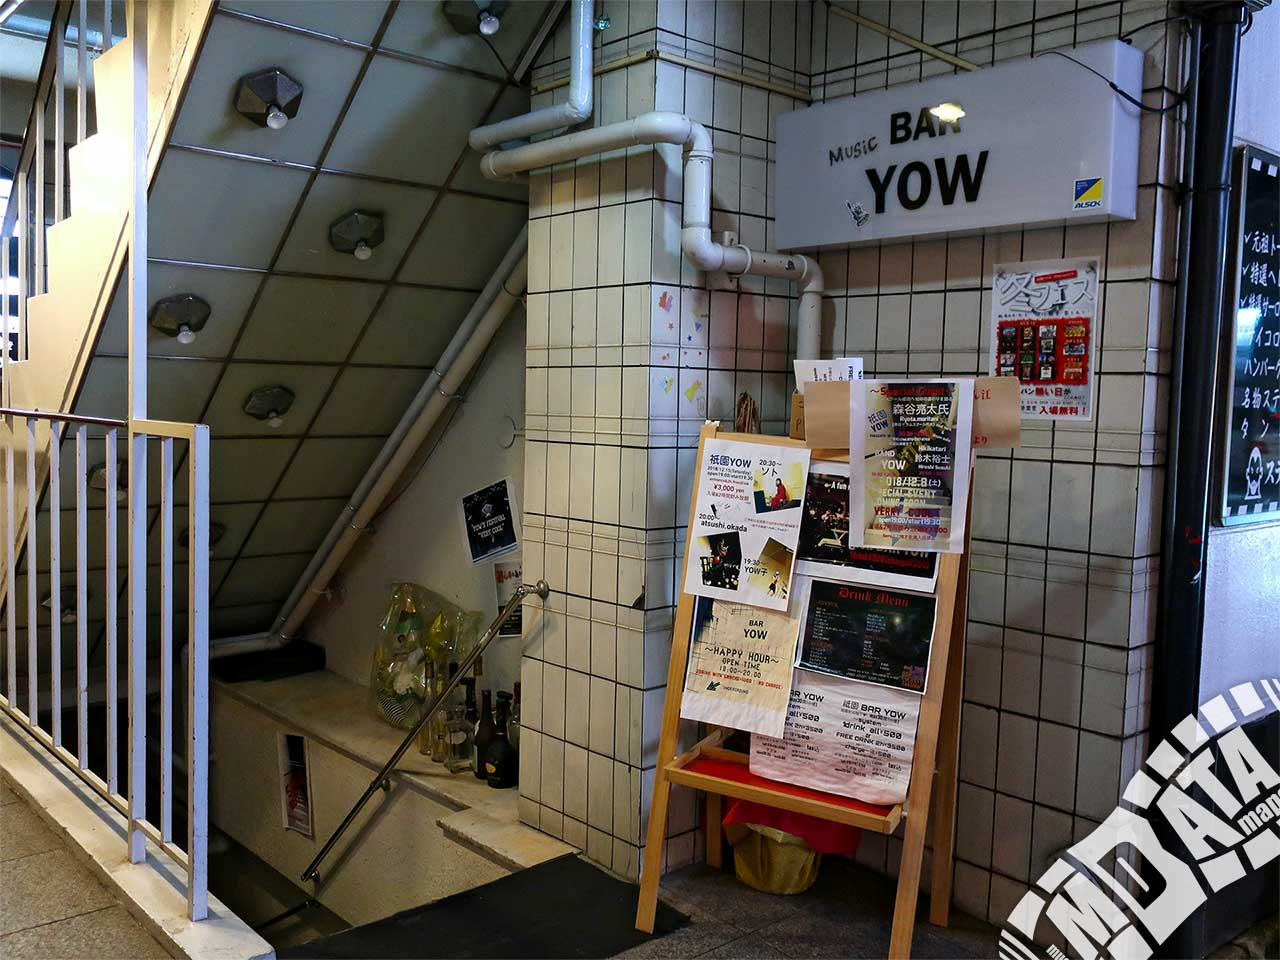 祇園YOWの写真 撮影日:2019/2/11 Photo taken on 2019/02/11